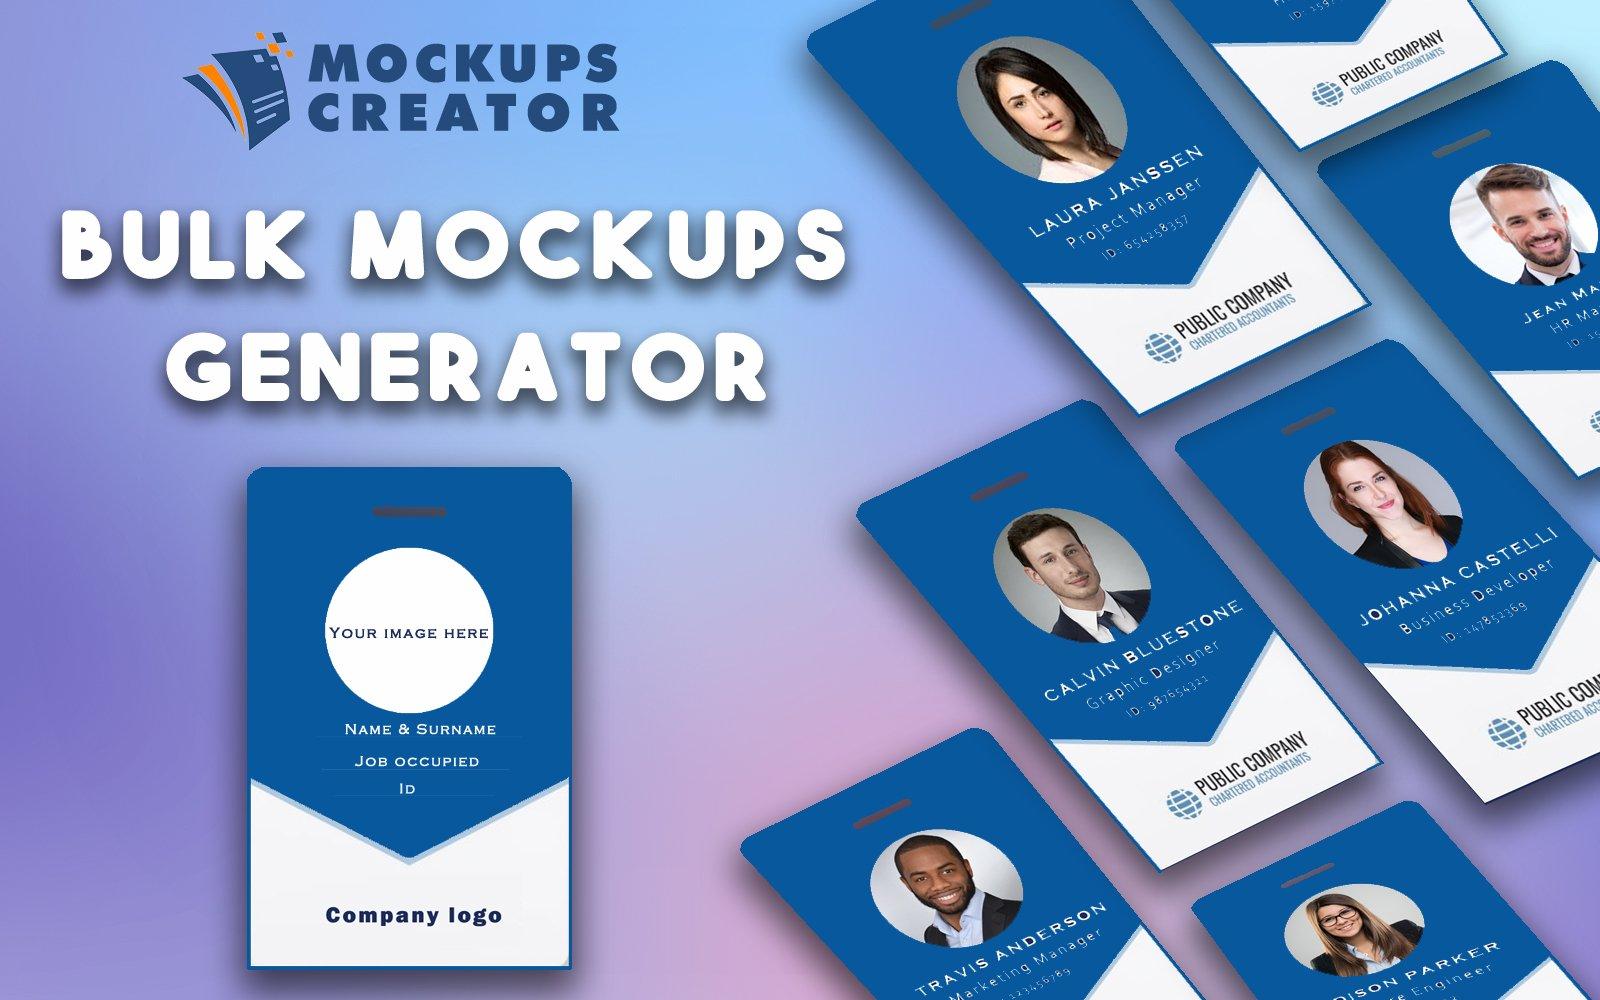 Mockups Creator - Automatische mockups-generator WordPress-plug-in